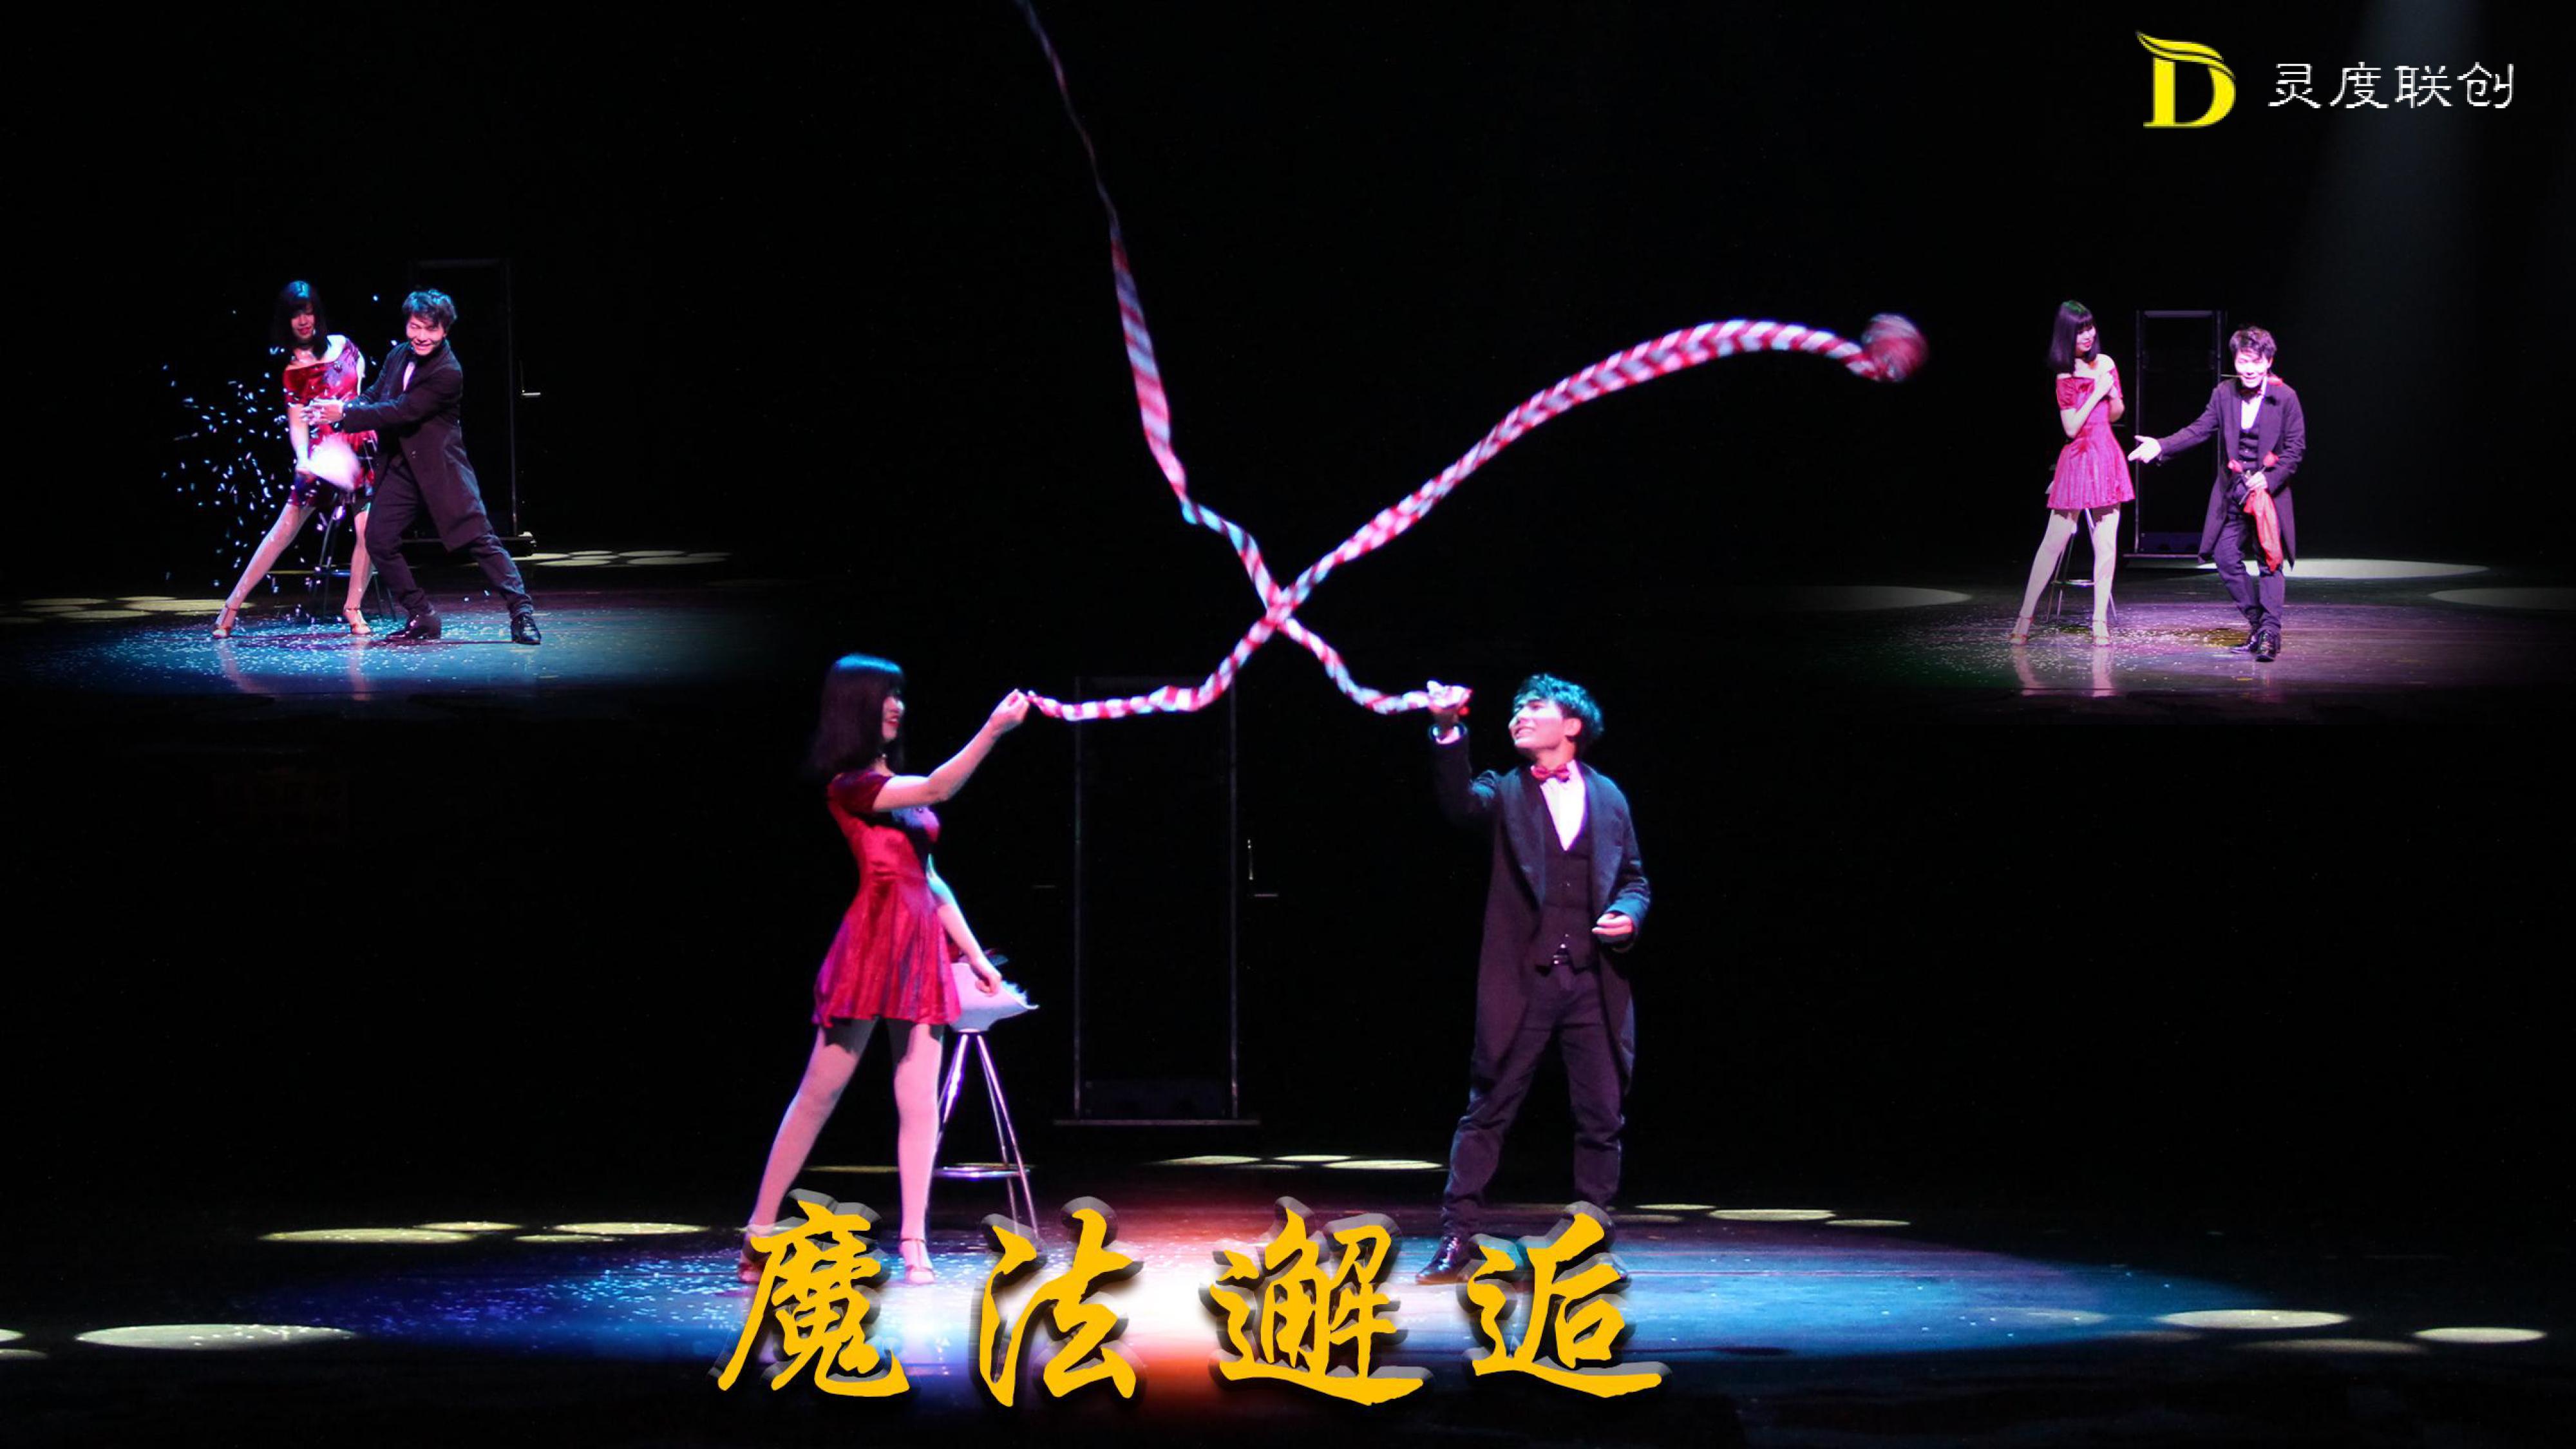 《魔法梦之旅》剧场定制版大型魔术剧